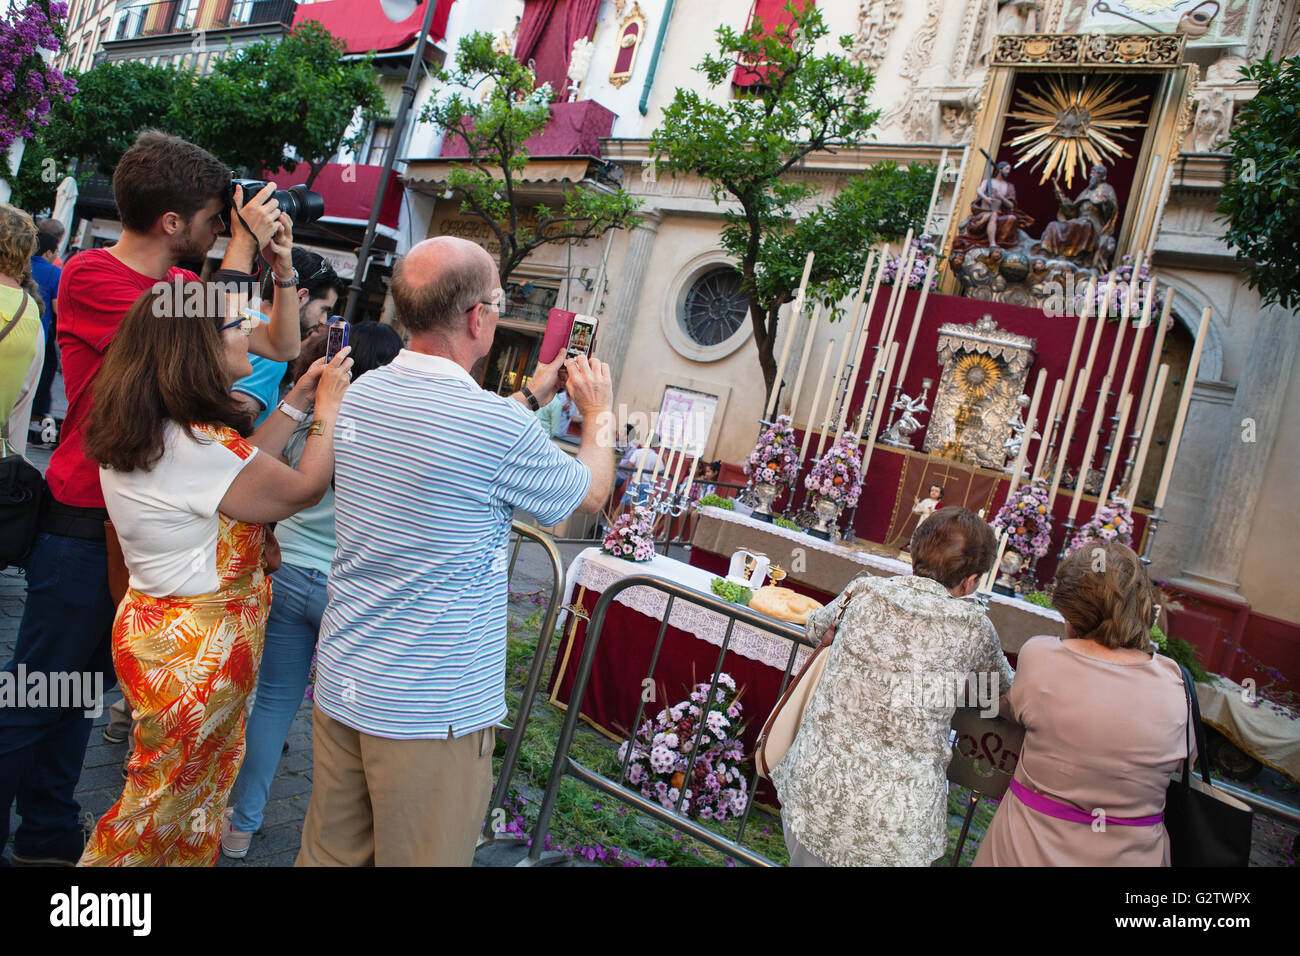 España, Andalucía, Sevilla, adoradores tomar fotografías del santuario temporal en frente de la Iglesia Imagen De Stock